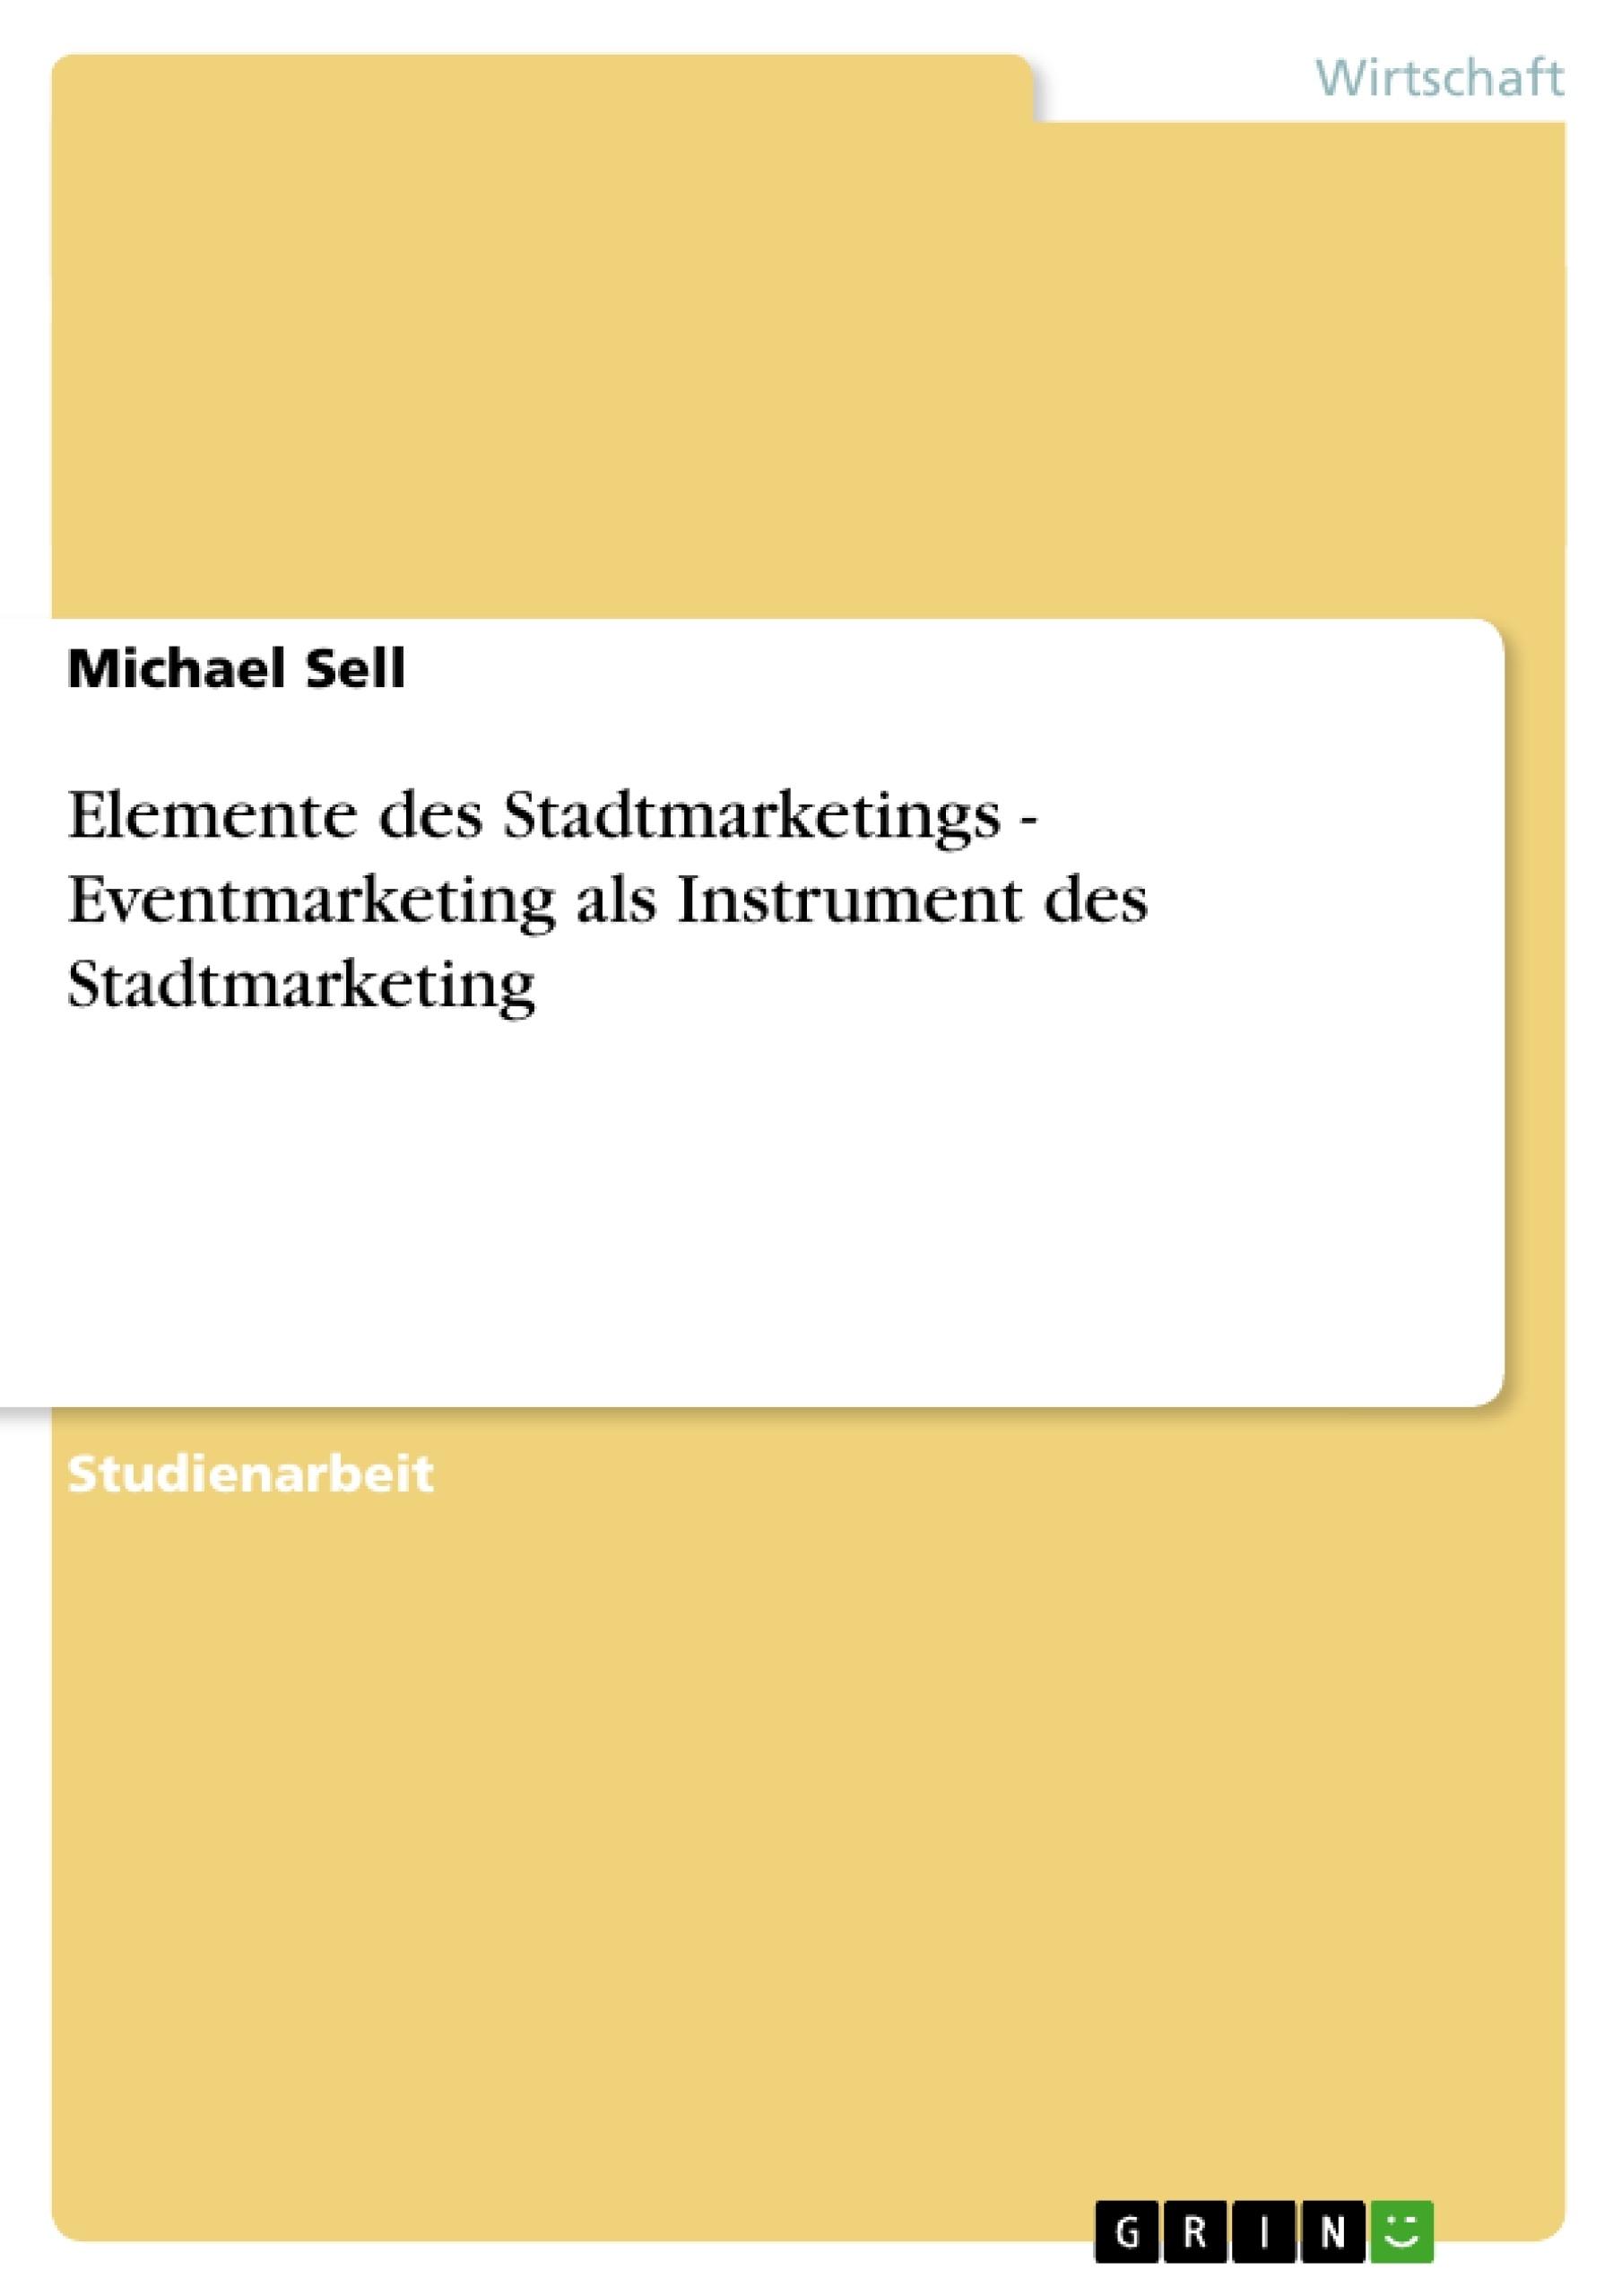 Titel: Elemente des Stadtmarketings - Eventmarketing als Instrument des Stadtmarketing